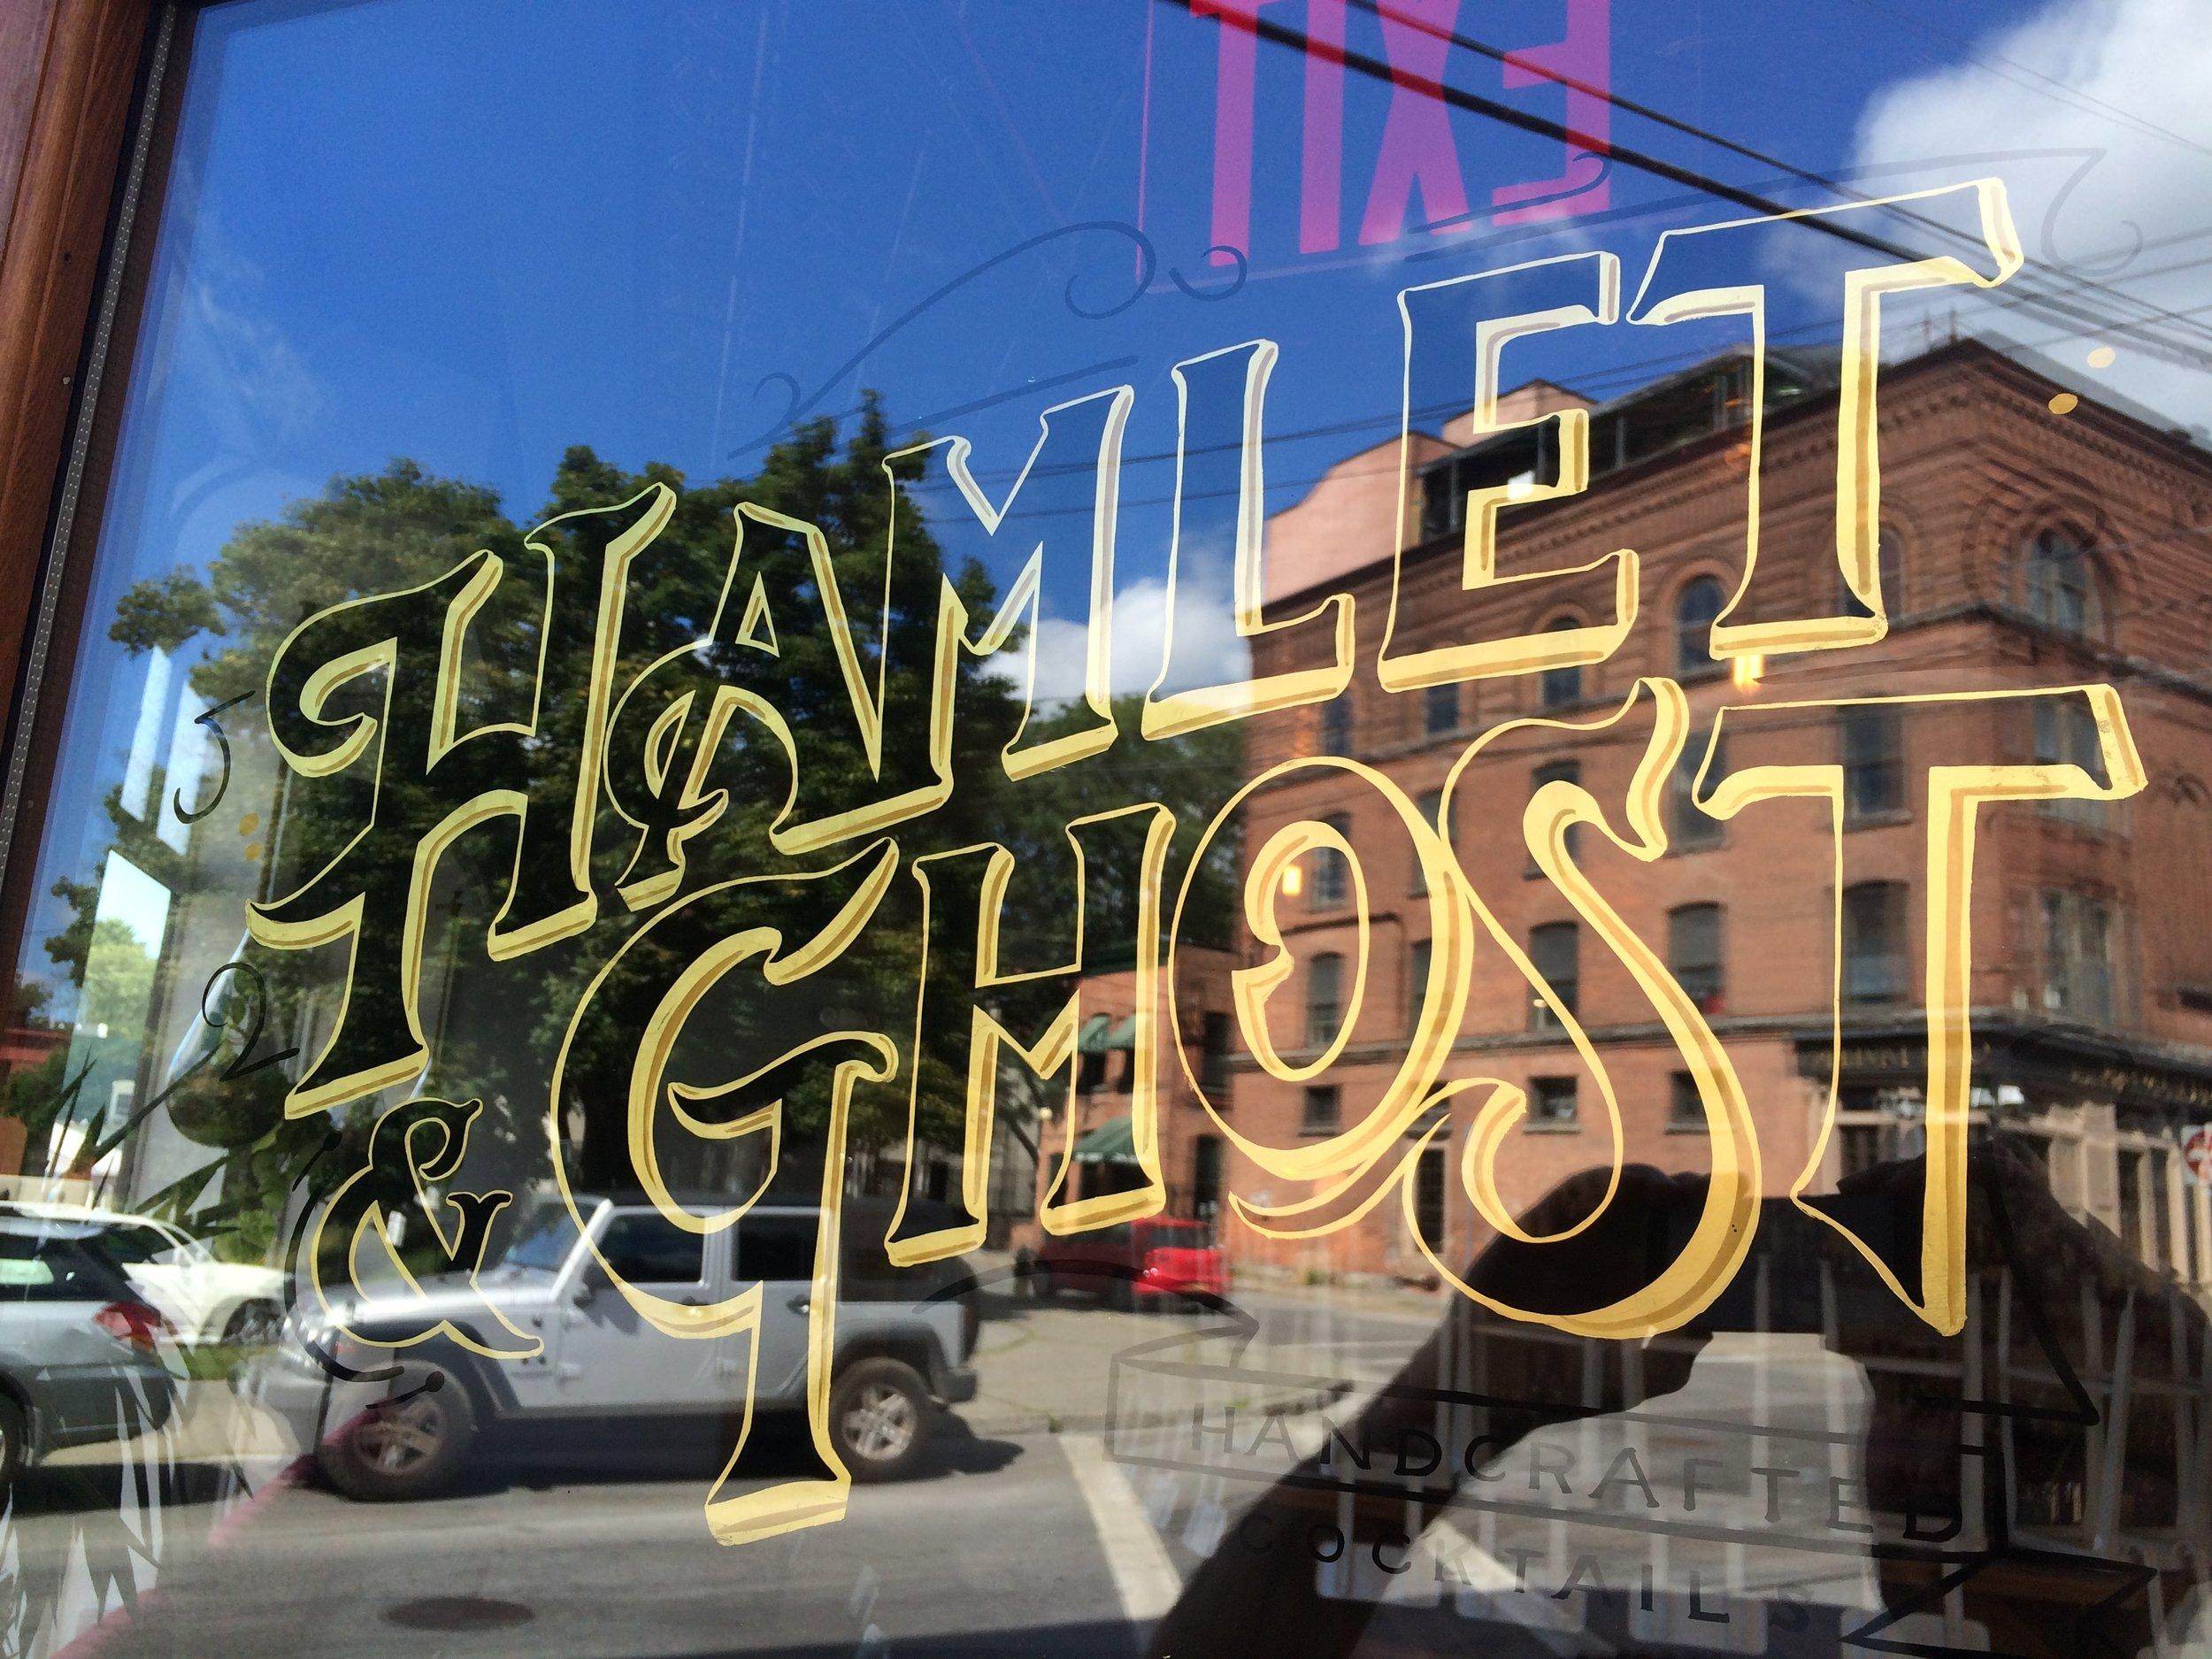 Hamlet & Ghost gold leaf